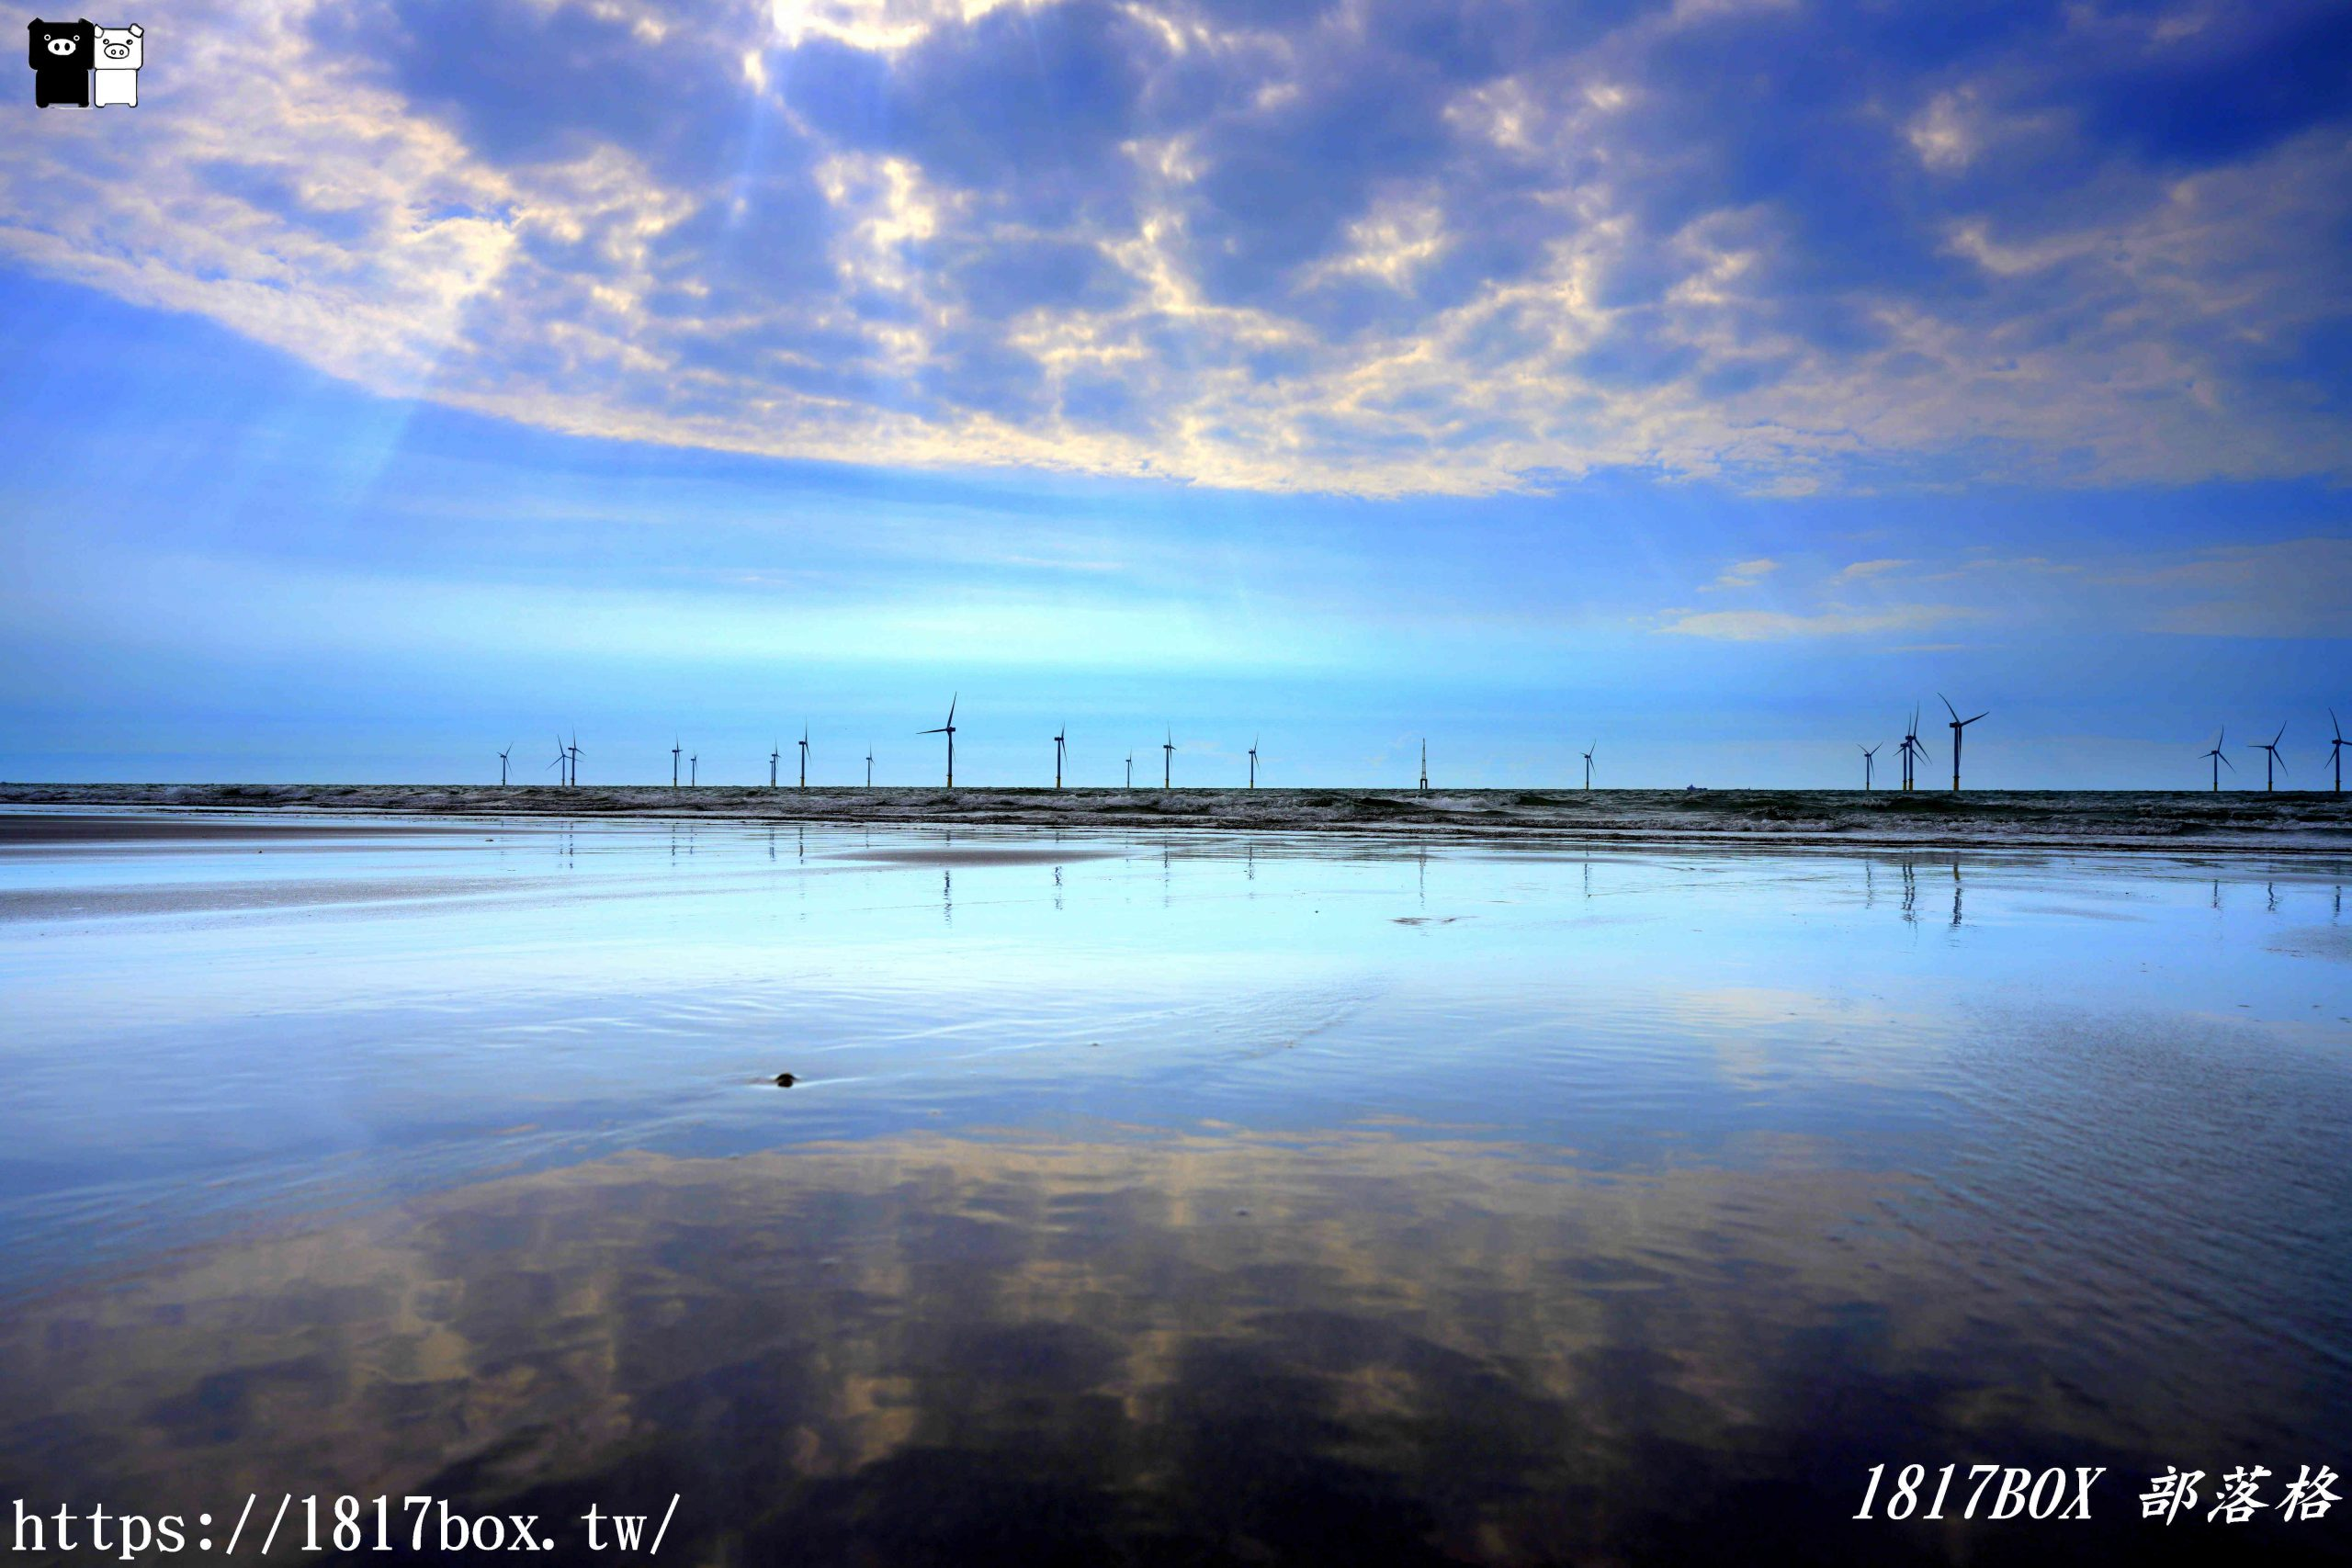 【台東。東河】海之角。都蘭鼻。阿美族的祖靈聖地。都蘭灣。都蘭私房景點。都蘭秘境 @1817BOX部落格